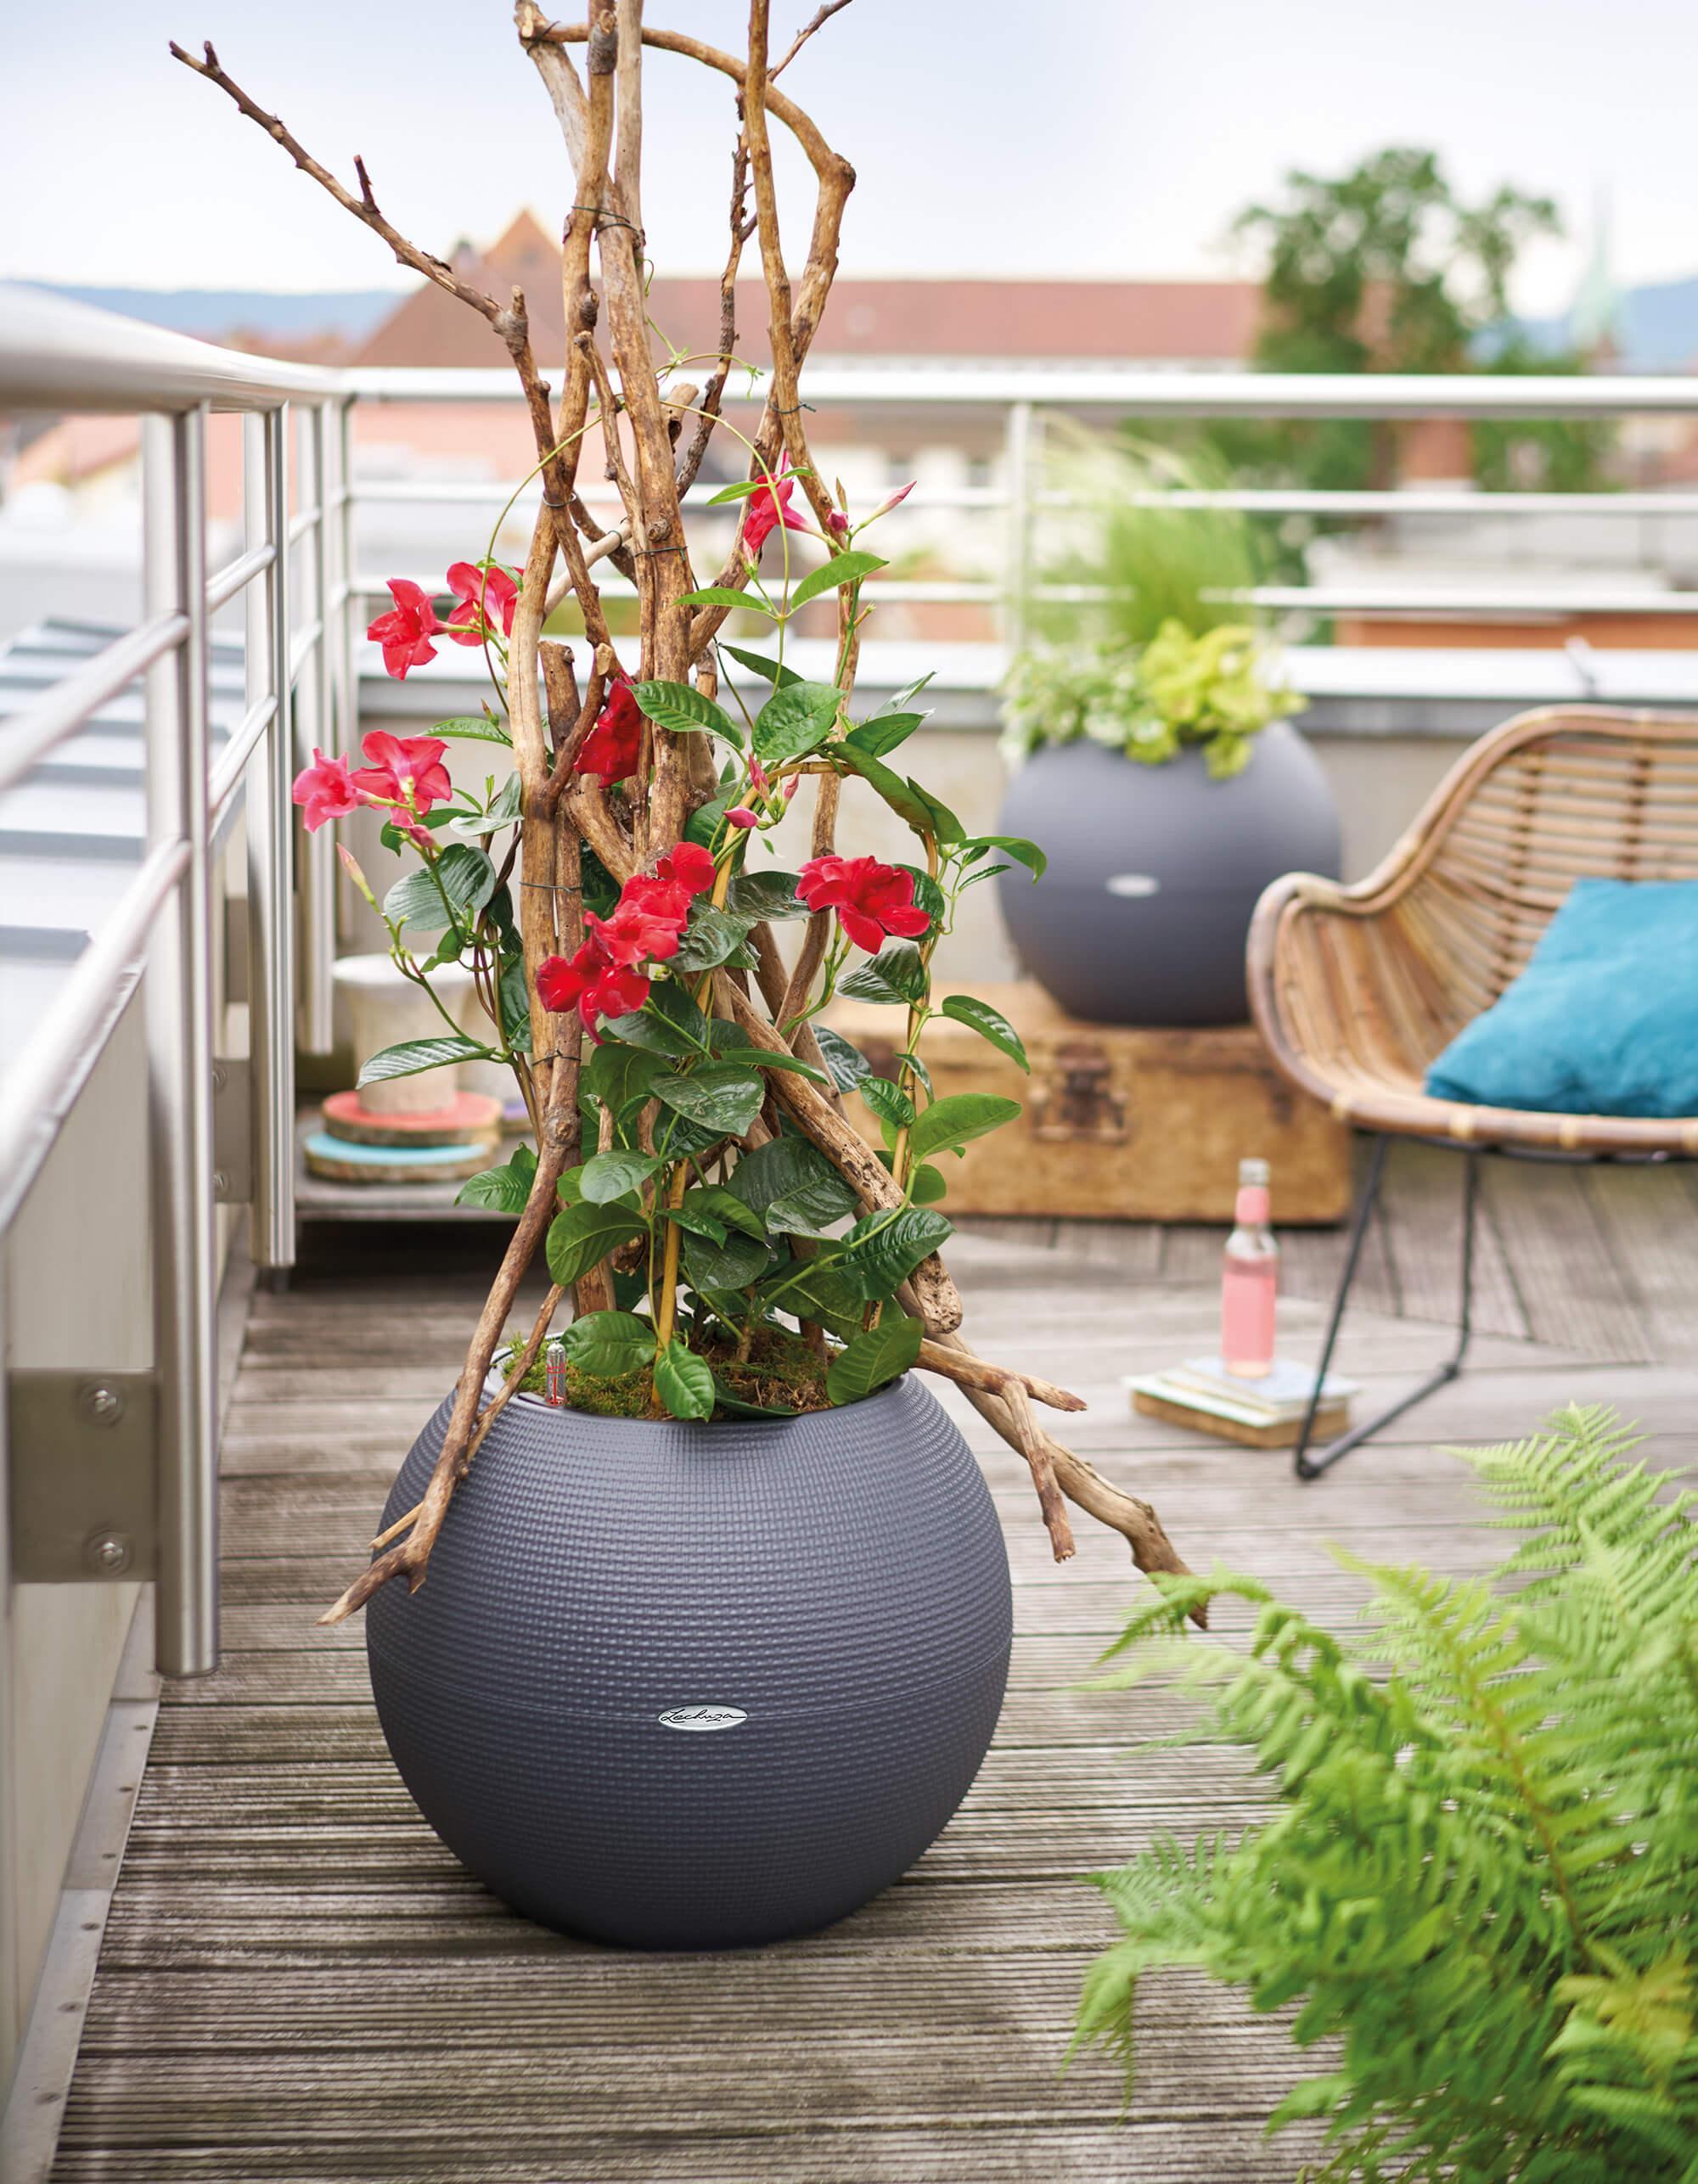 le_tw-urban-gardening_puro50_gr